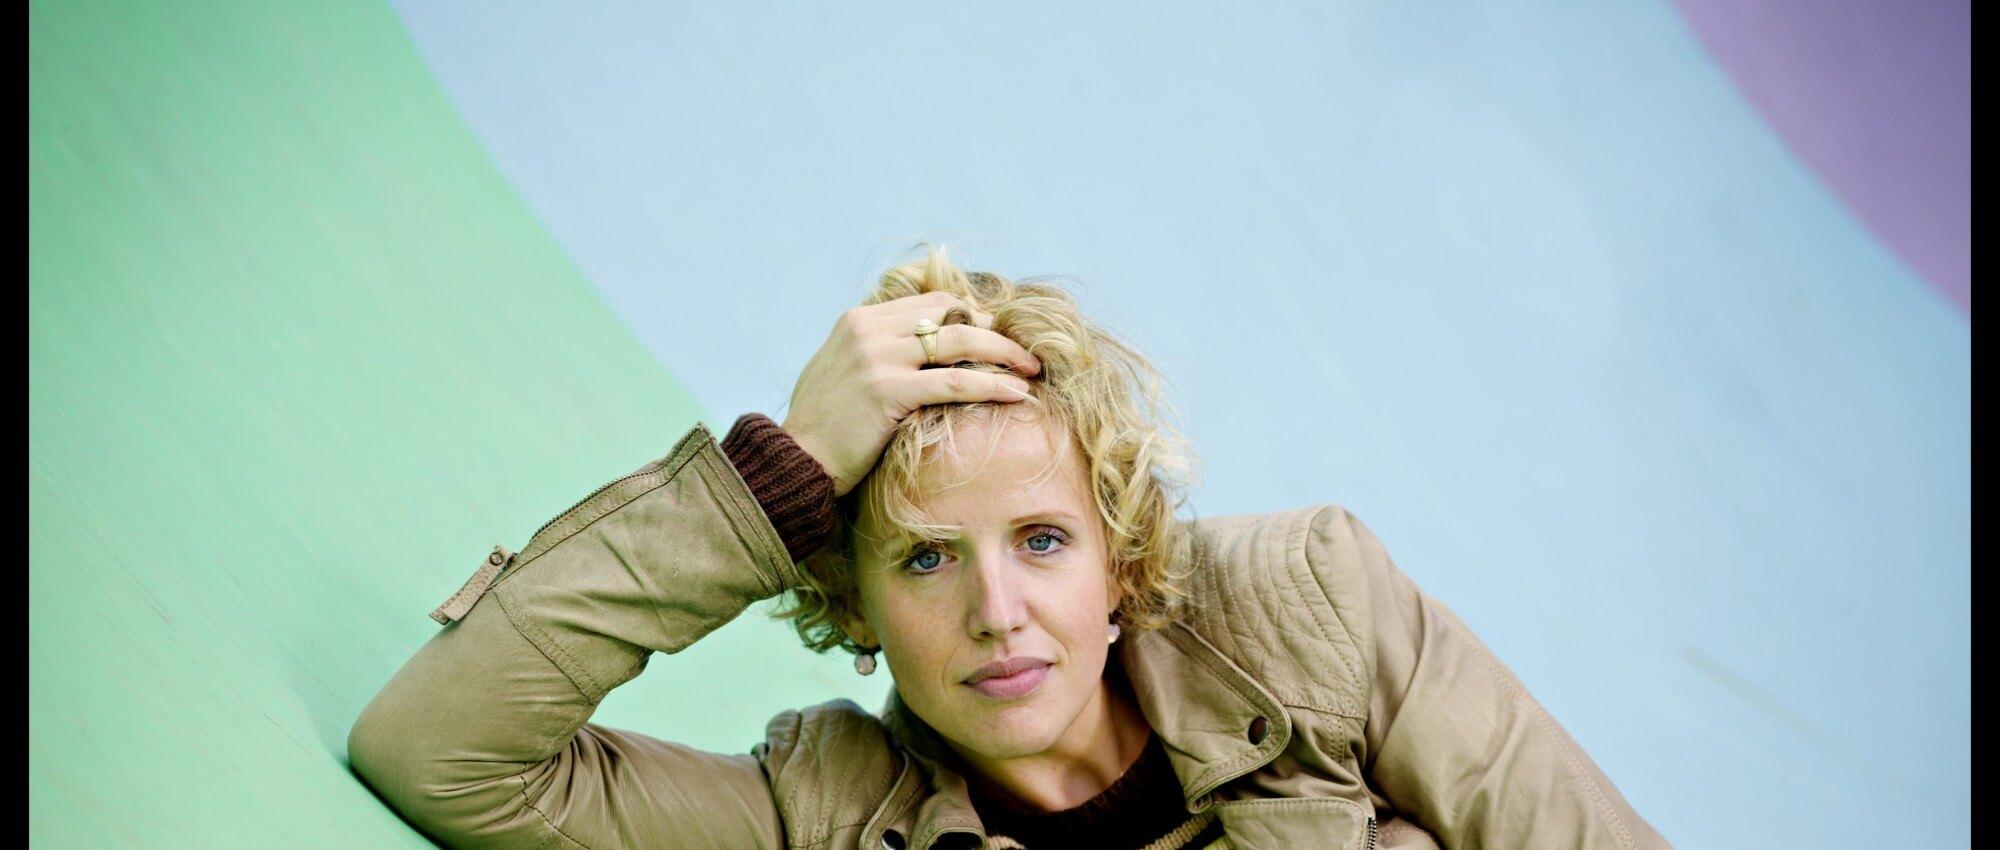 La Voix Humaine - Cora Burggraaf